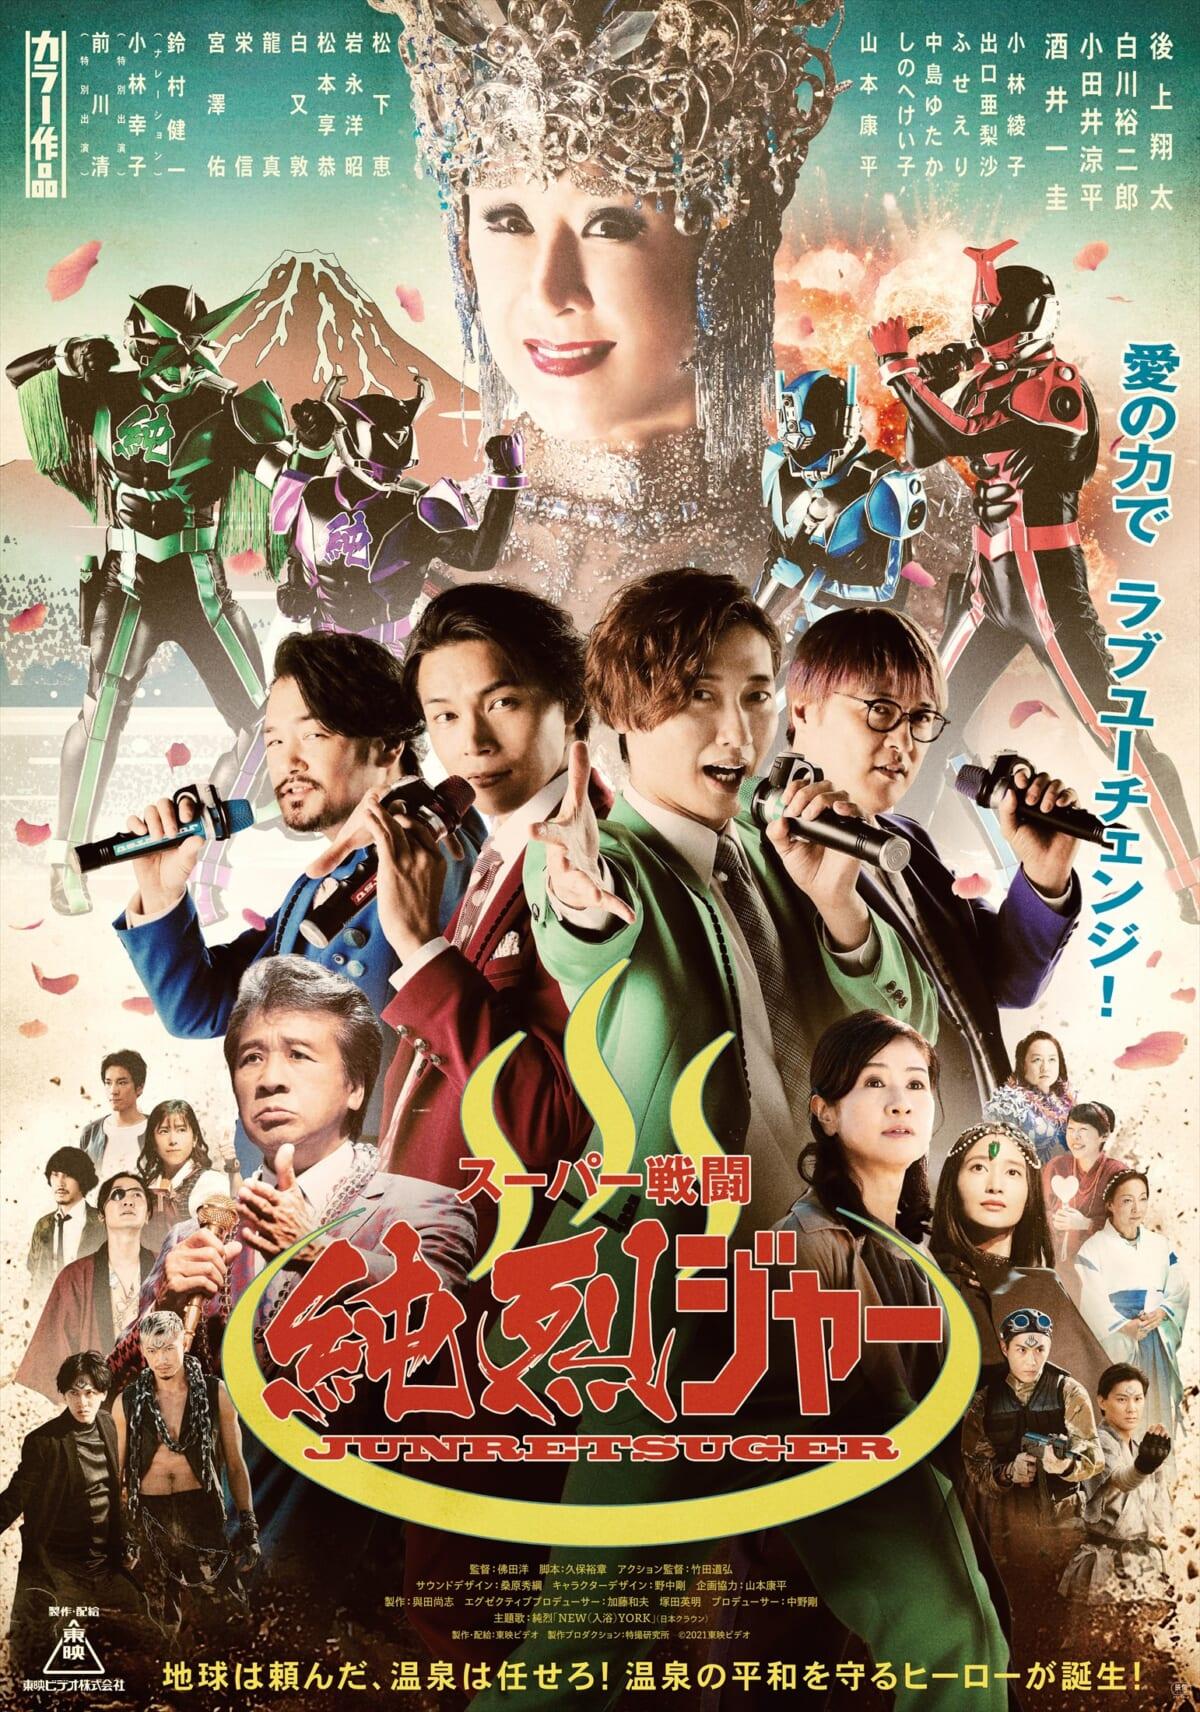 映画「スーパー戦闘 純烈ジャー」